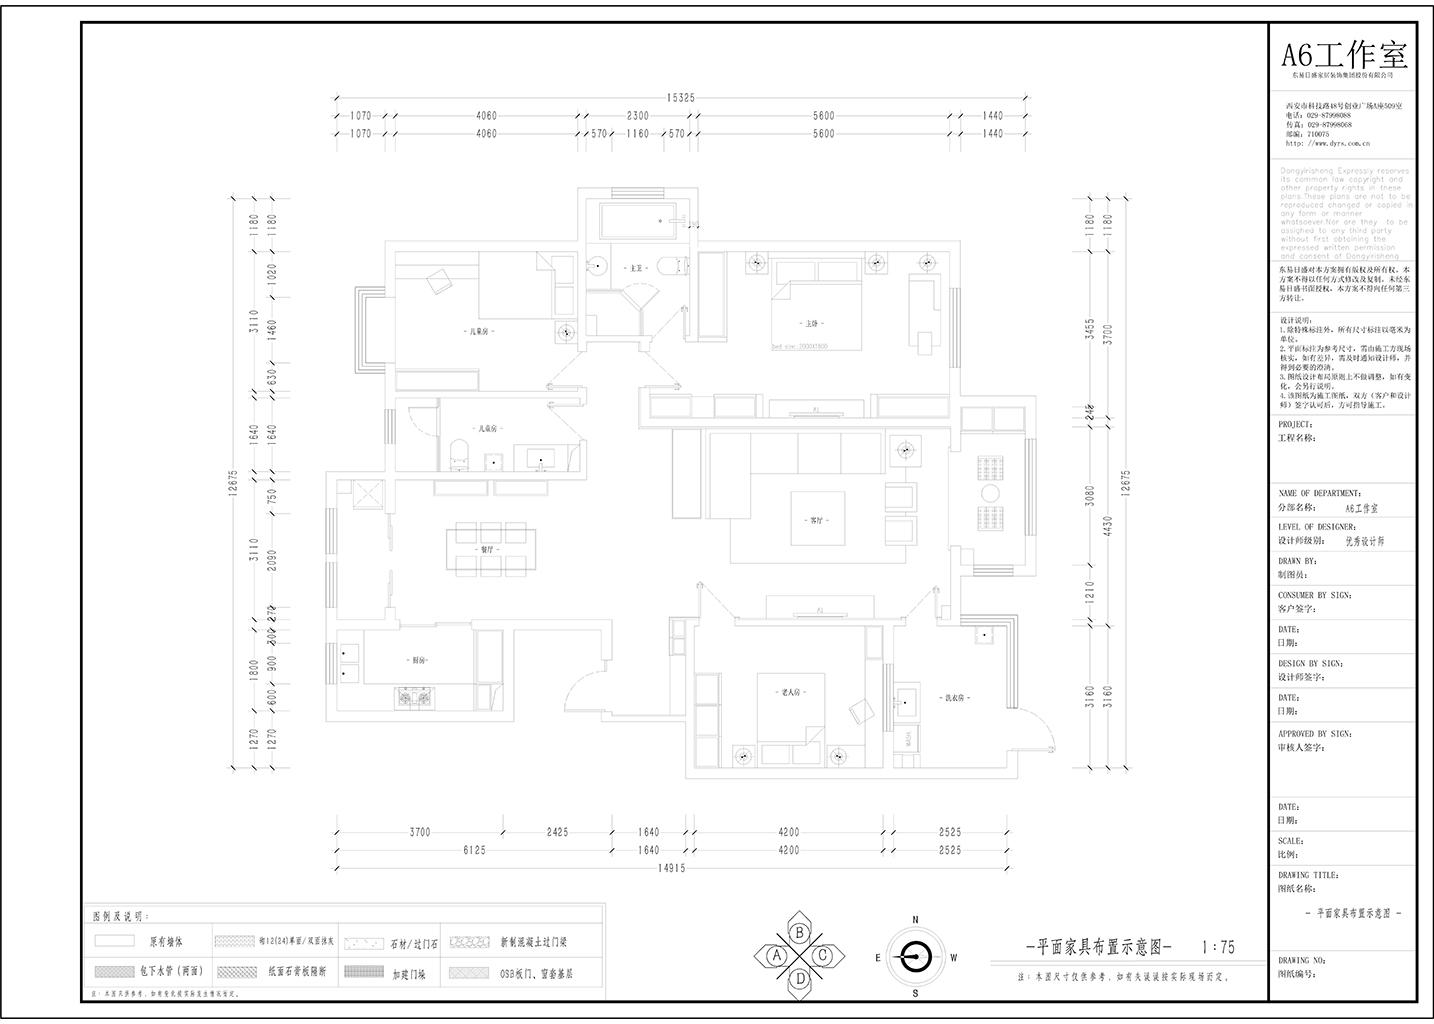 漫香郡 三室两厅 142平米 现代风格装修效果图装修设计理念